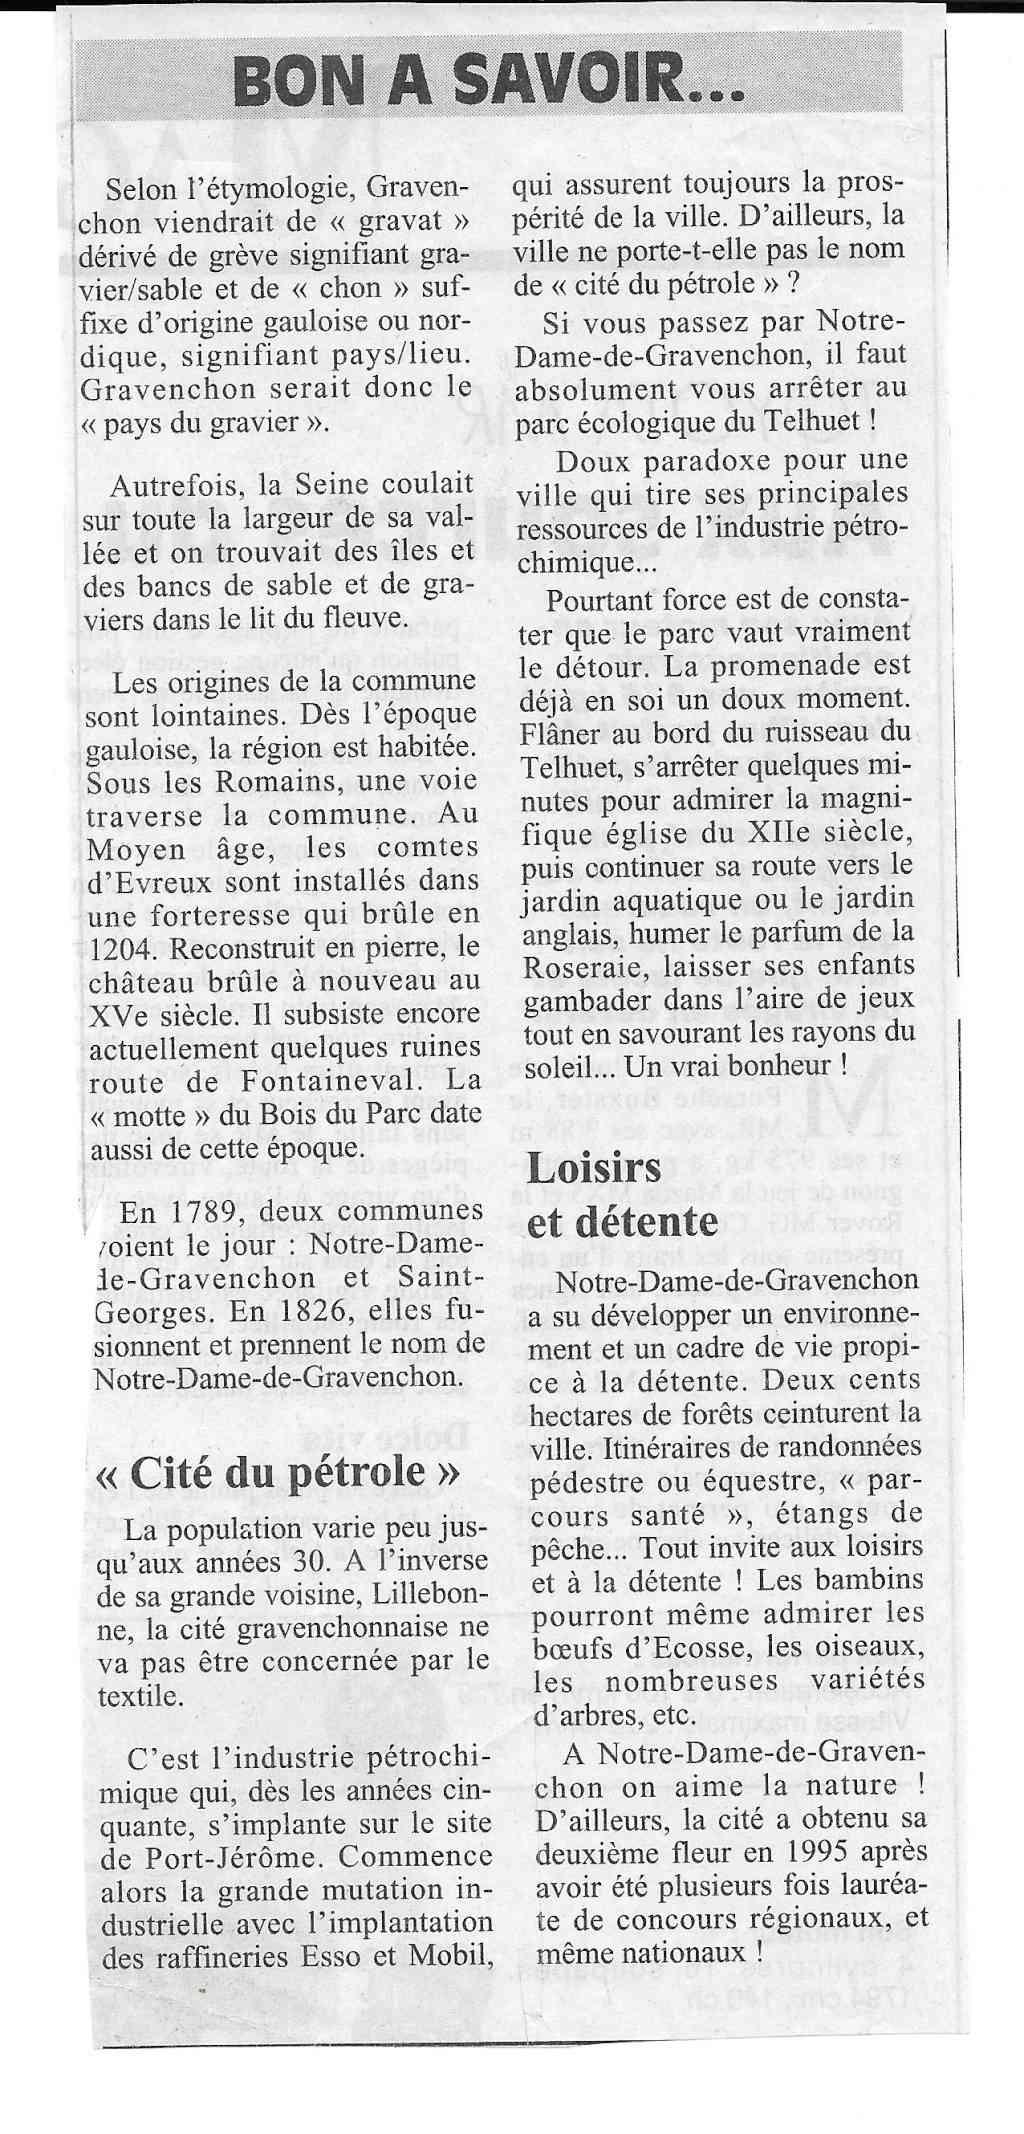 Histoire des communes - Notre-Dame-de-Gravenchon 612